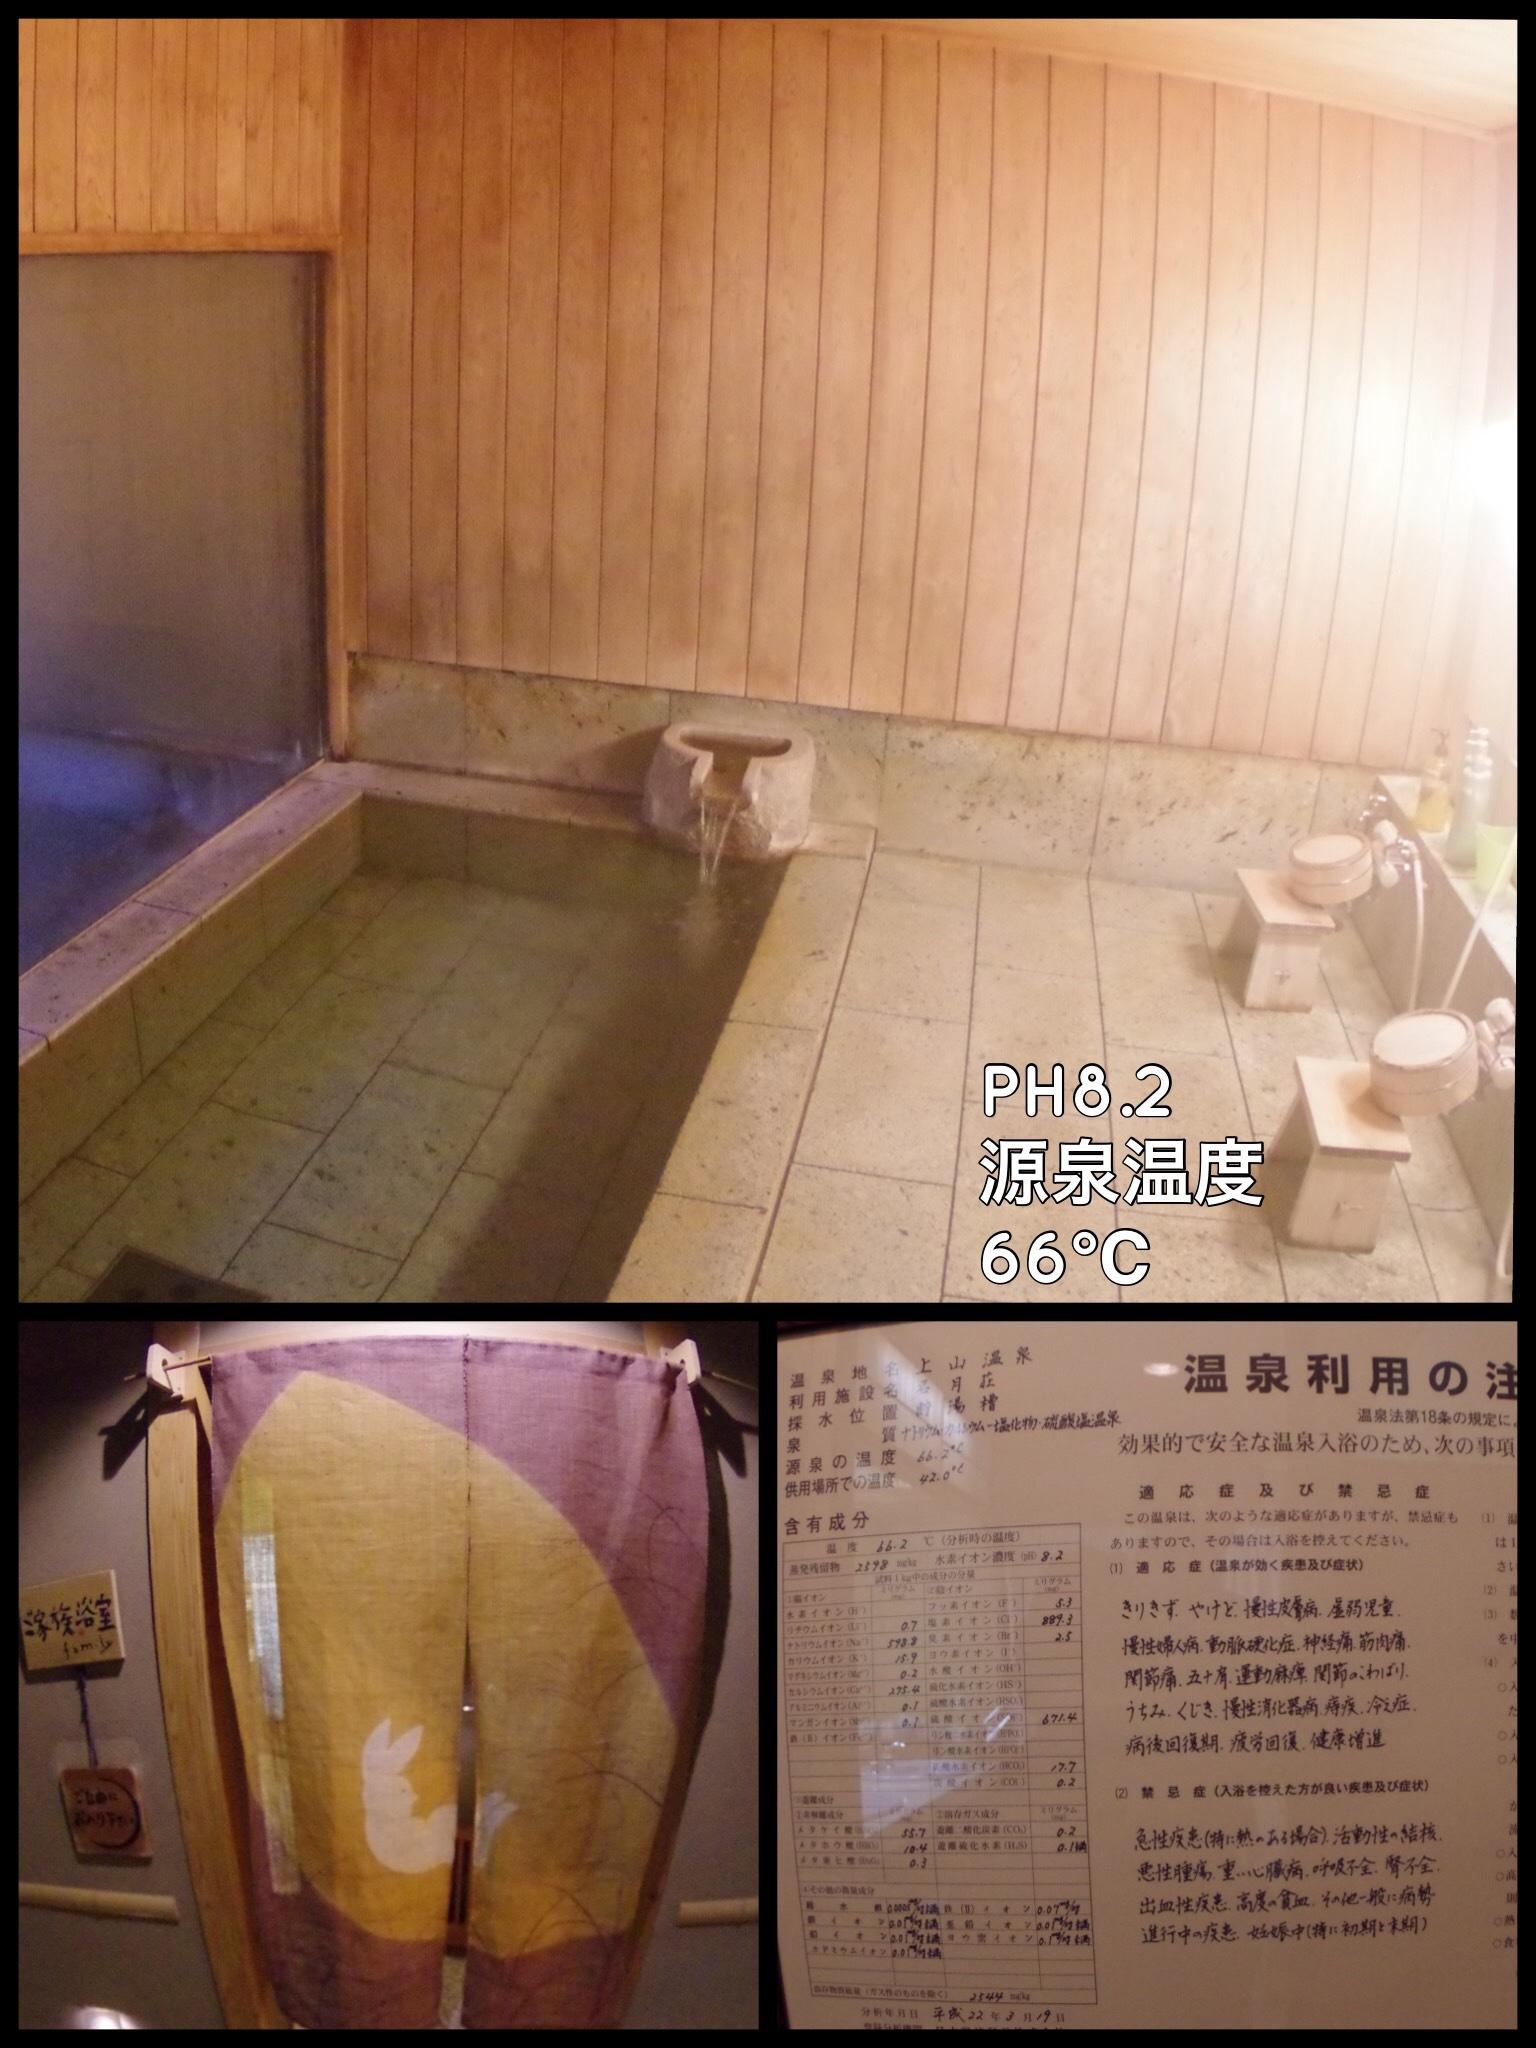 山形 上山温泉 名月荘 扇 宿泊記 貸切風呂